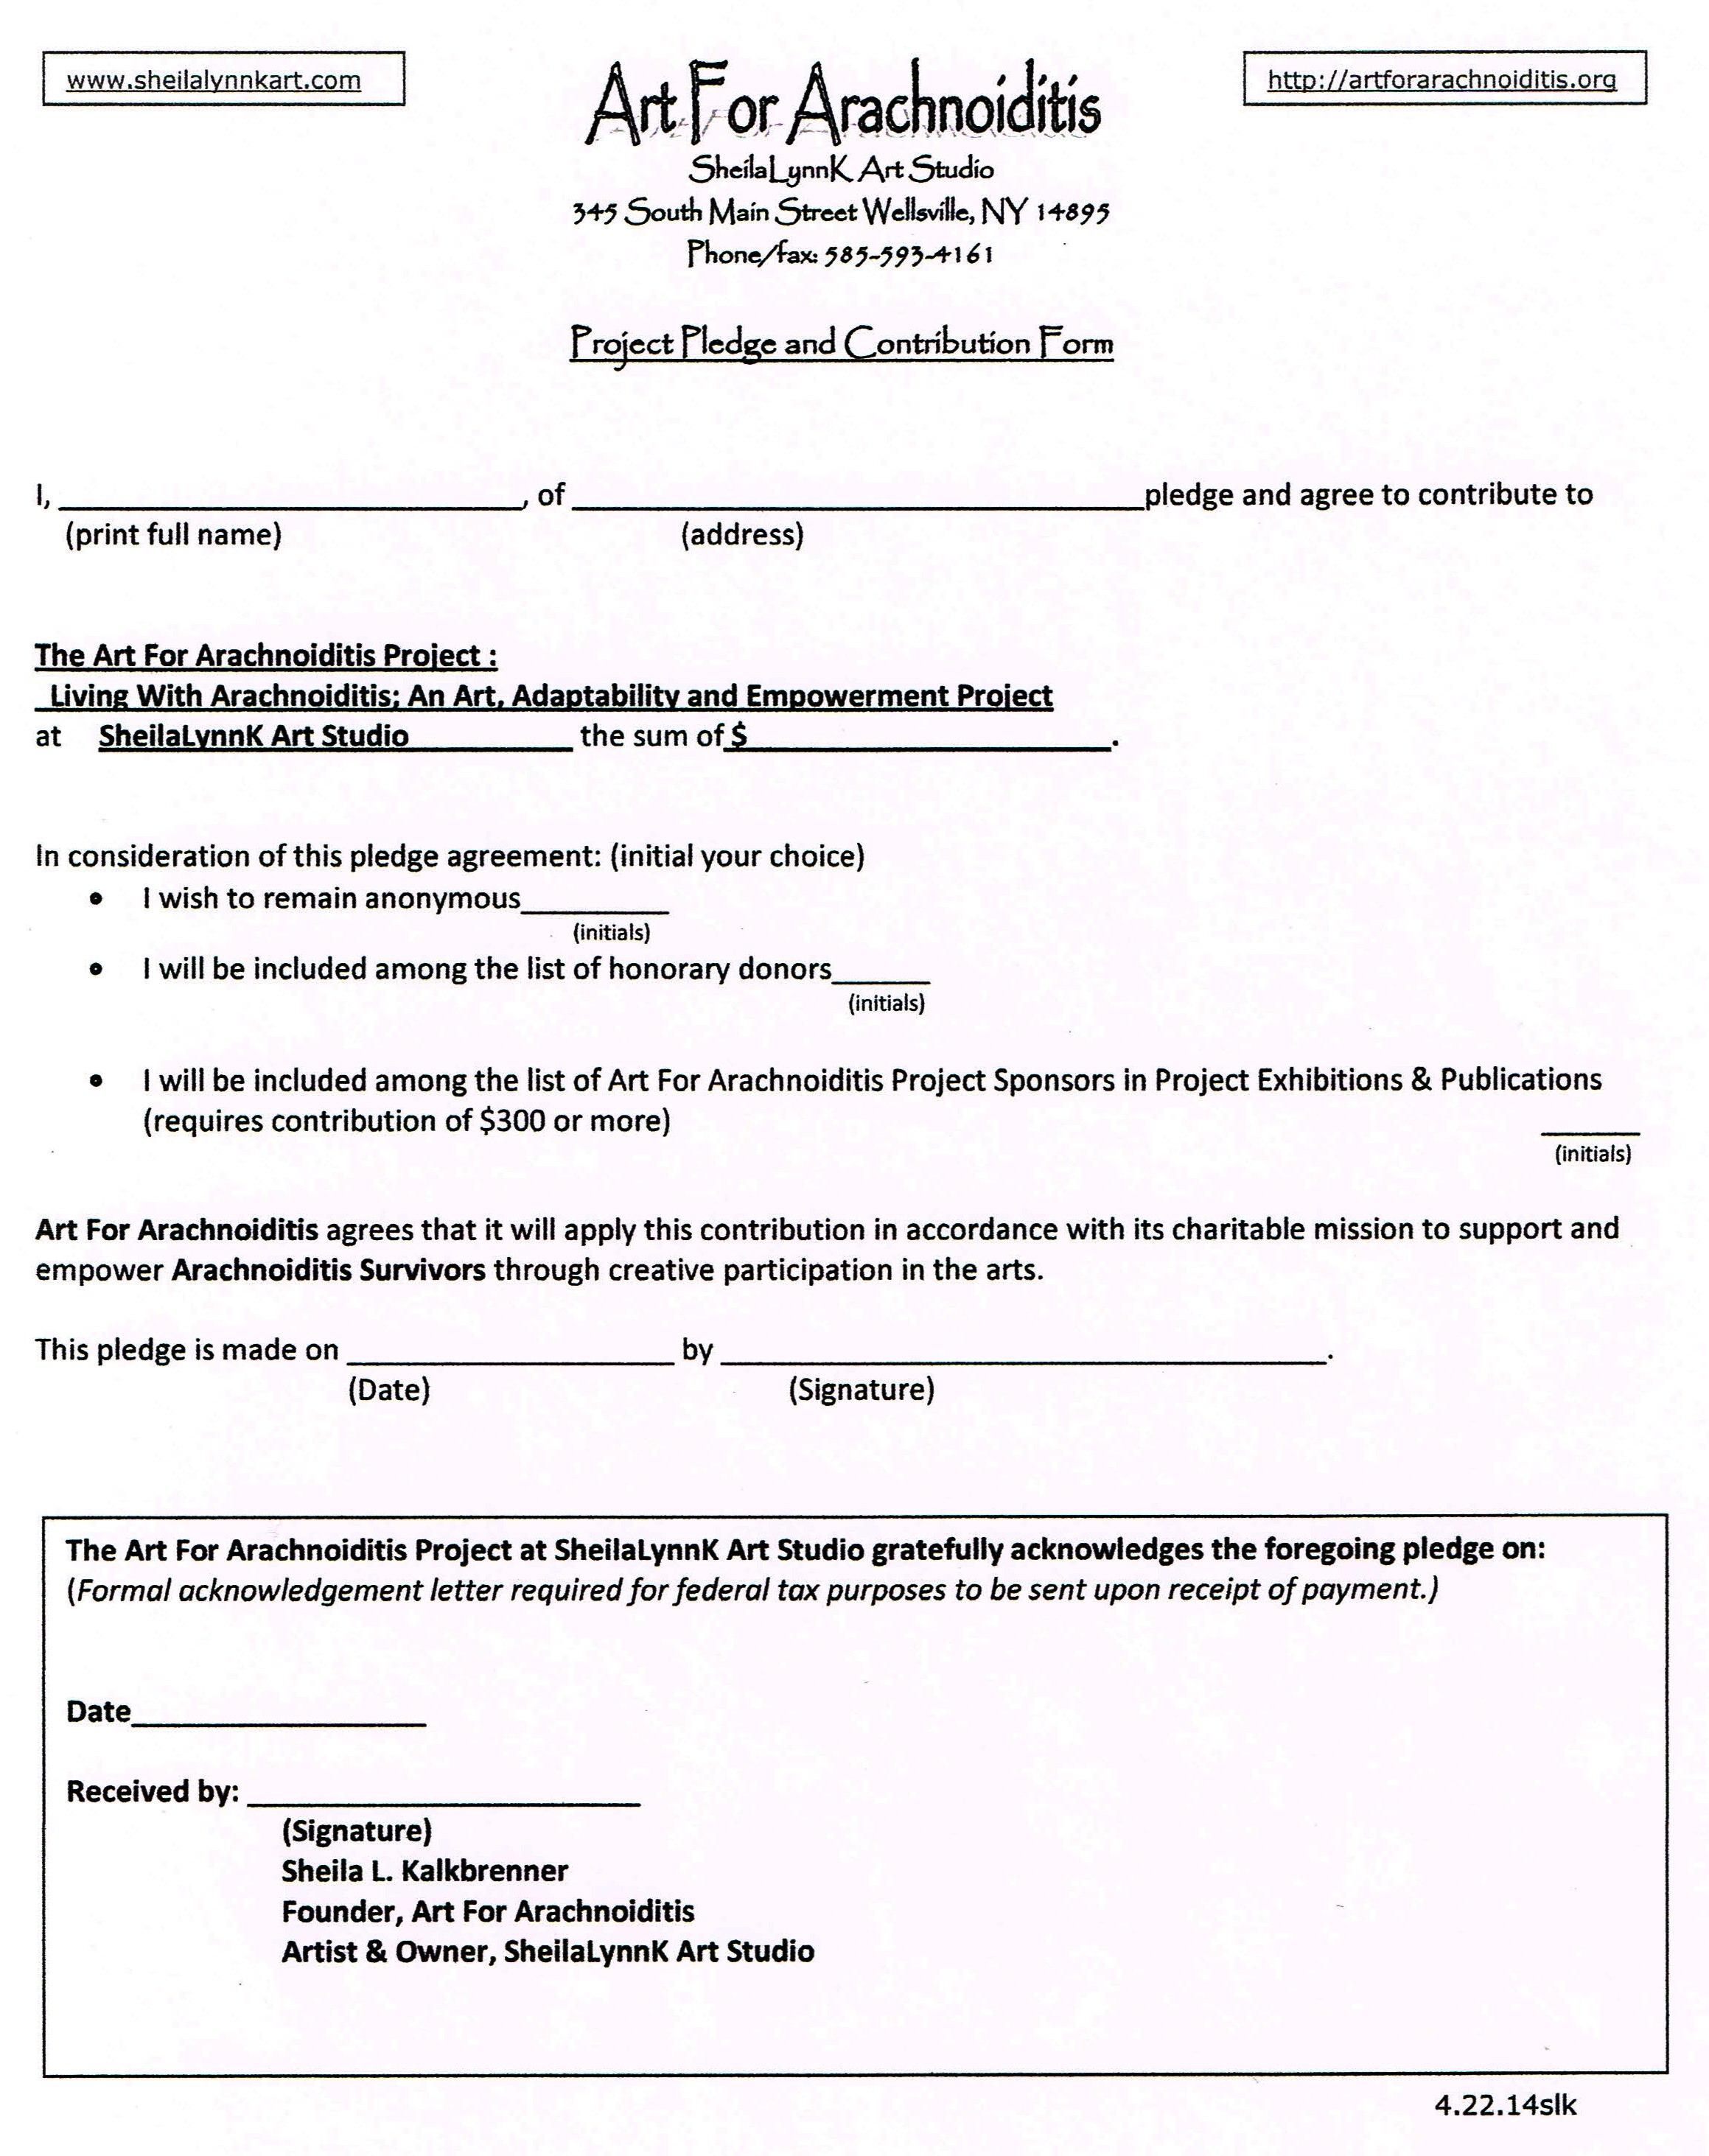 Art For Arachnoiditis Project Pledge Form